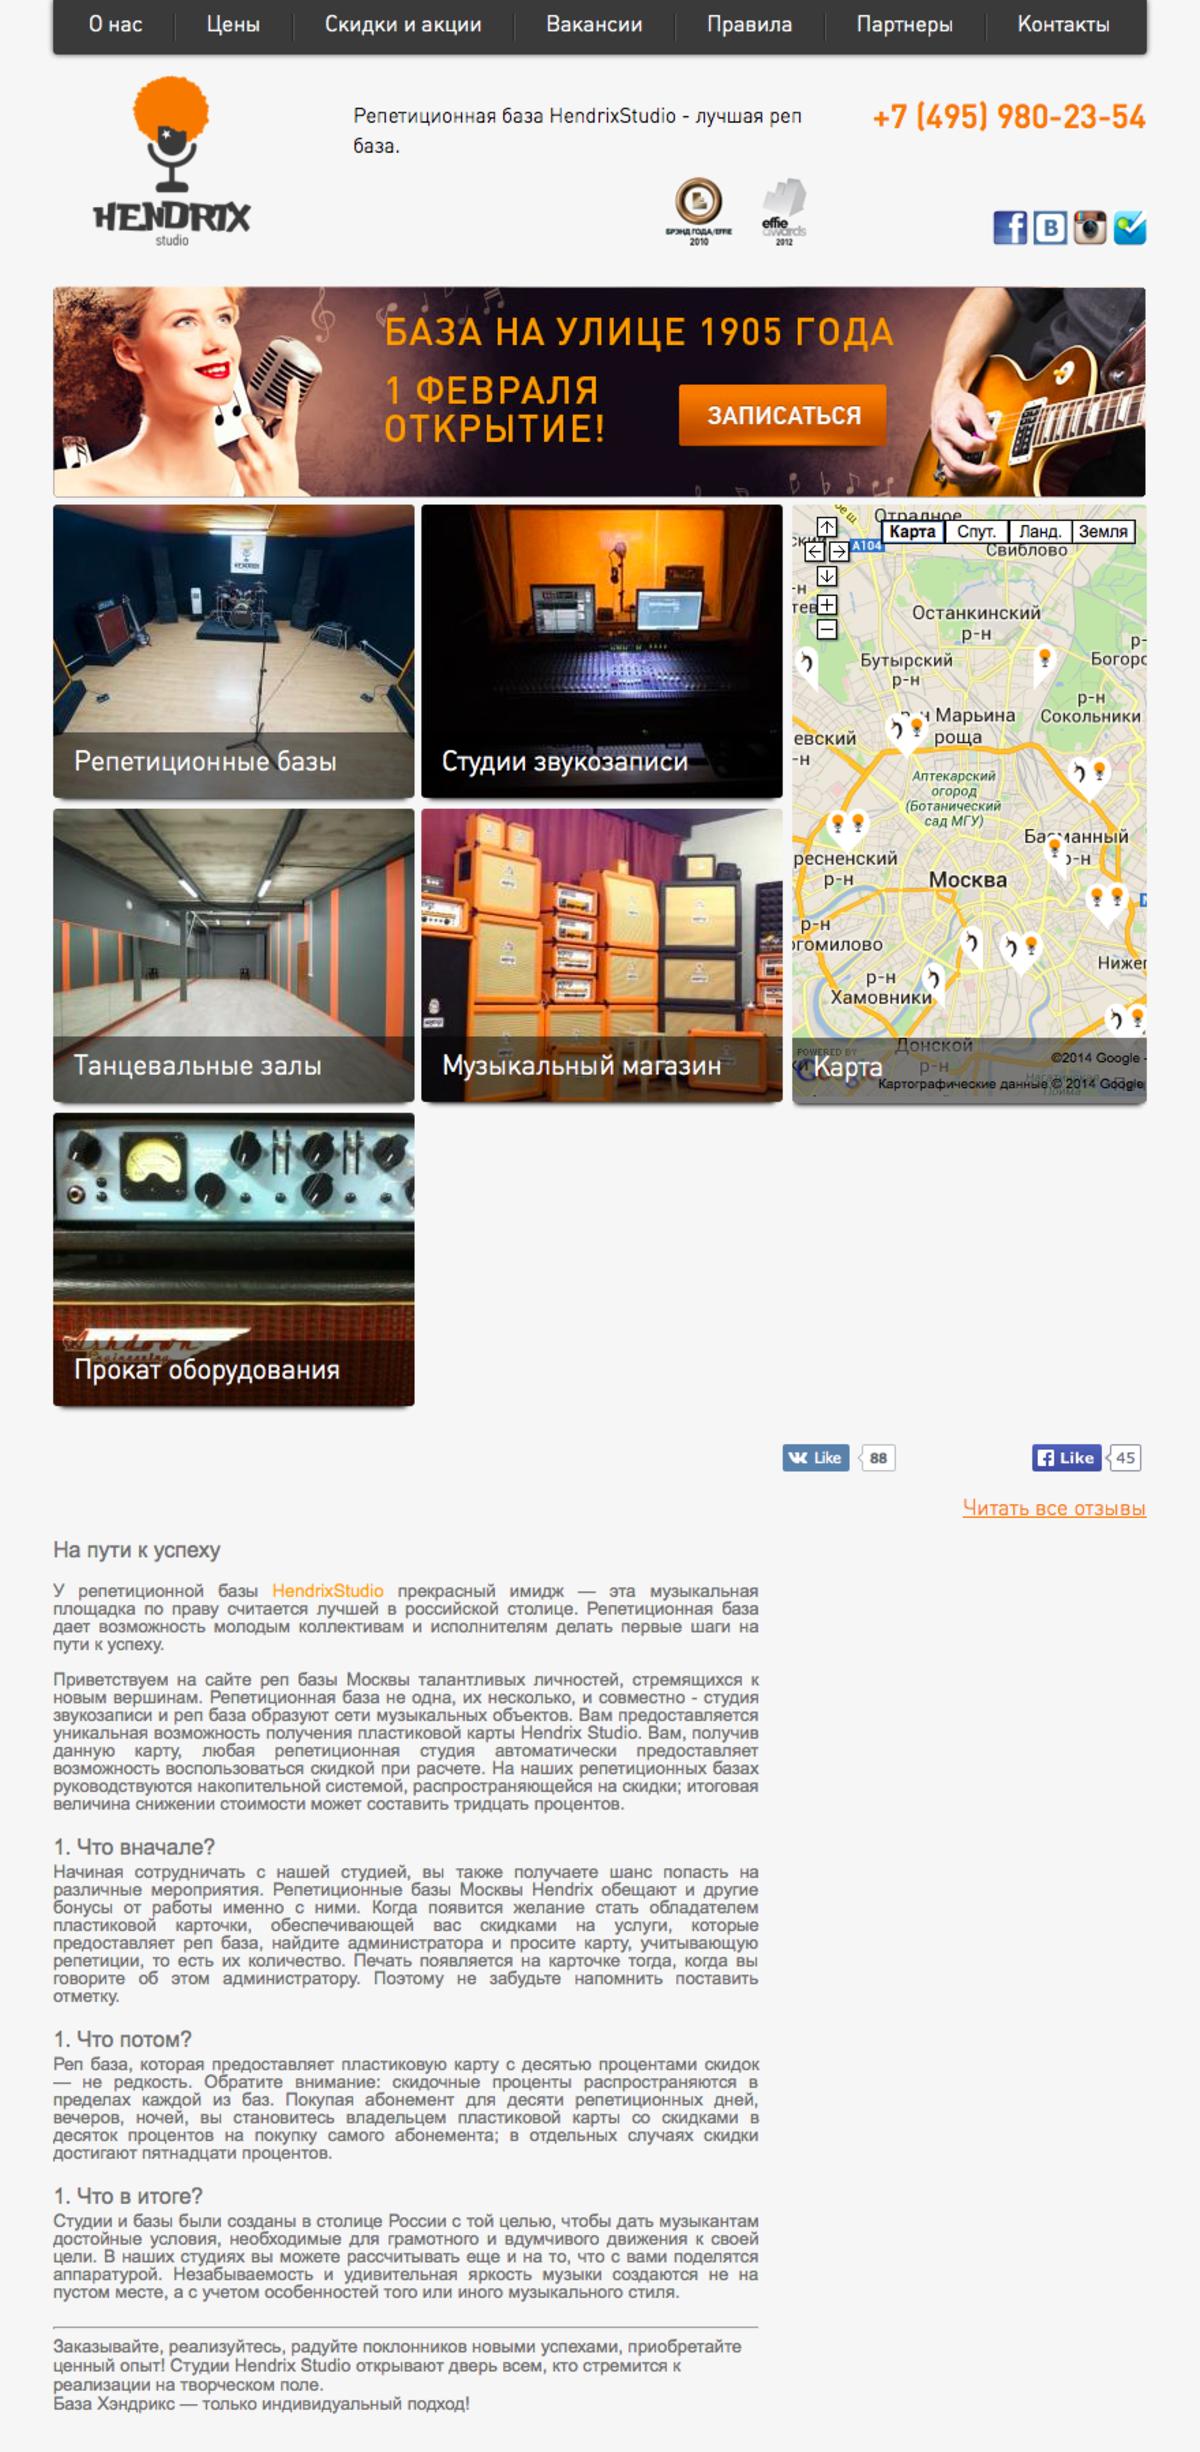 Сеть репетиционных баз и студий звукозаписи / Проект компании Бюро Погодаева